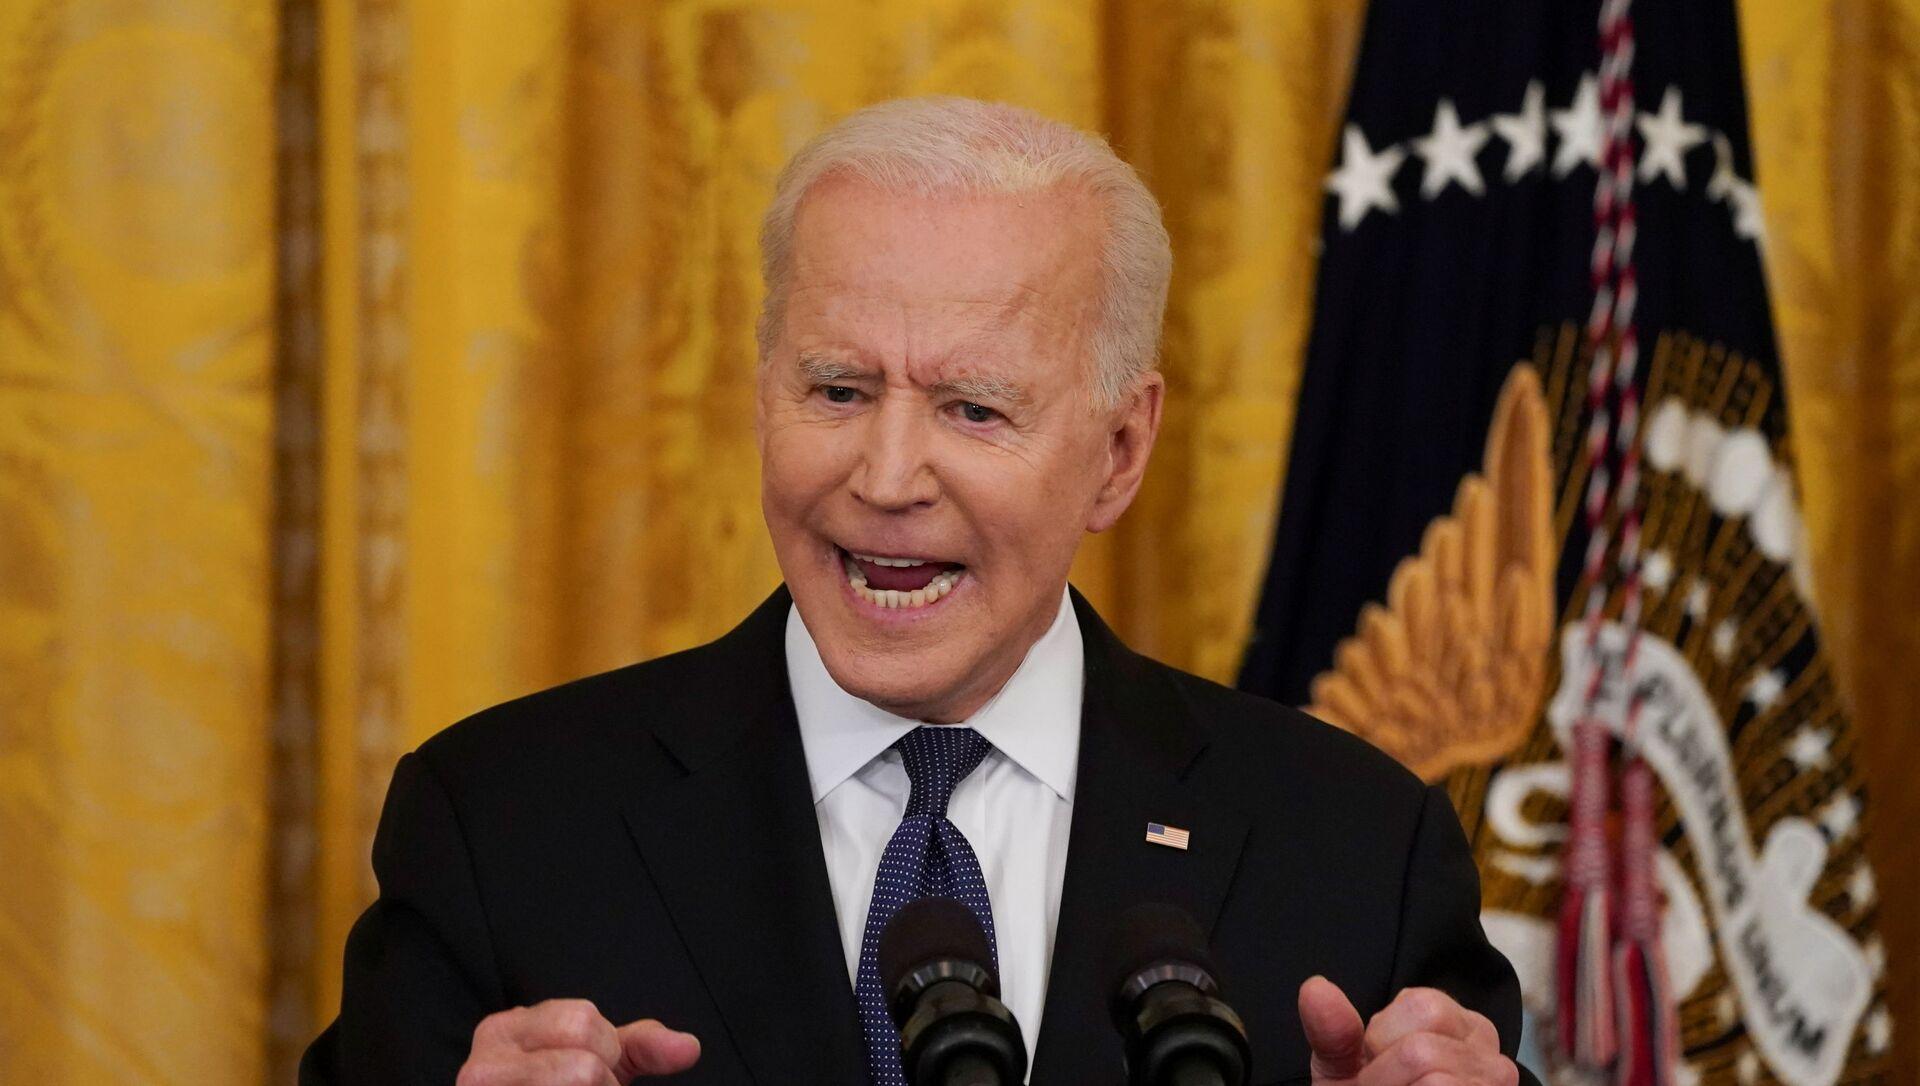 Président des États-Unis Joe Biden dans la Maison-Blanche - Sputnik France, 1920, 15.08.2021